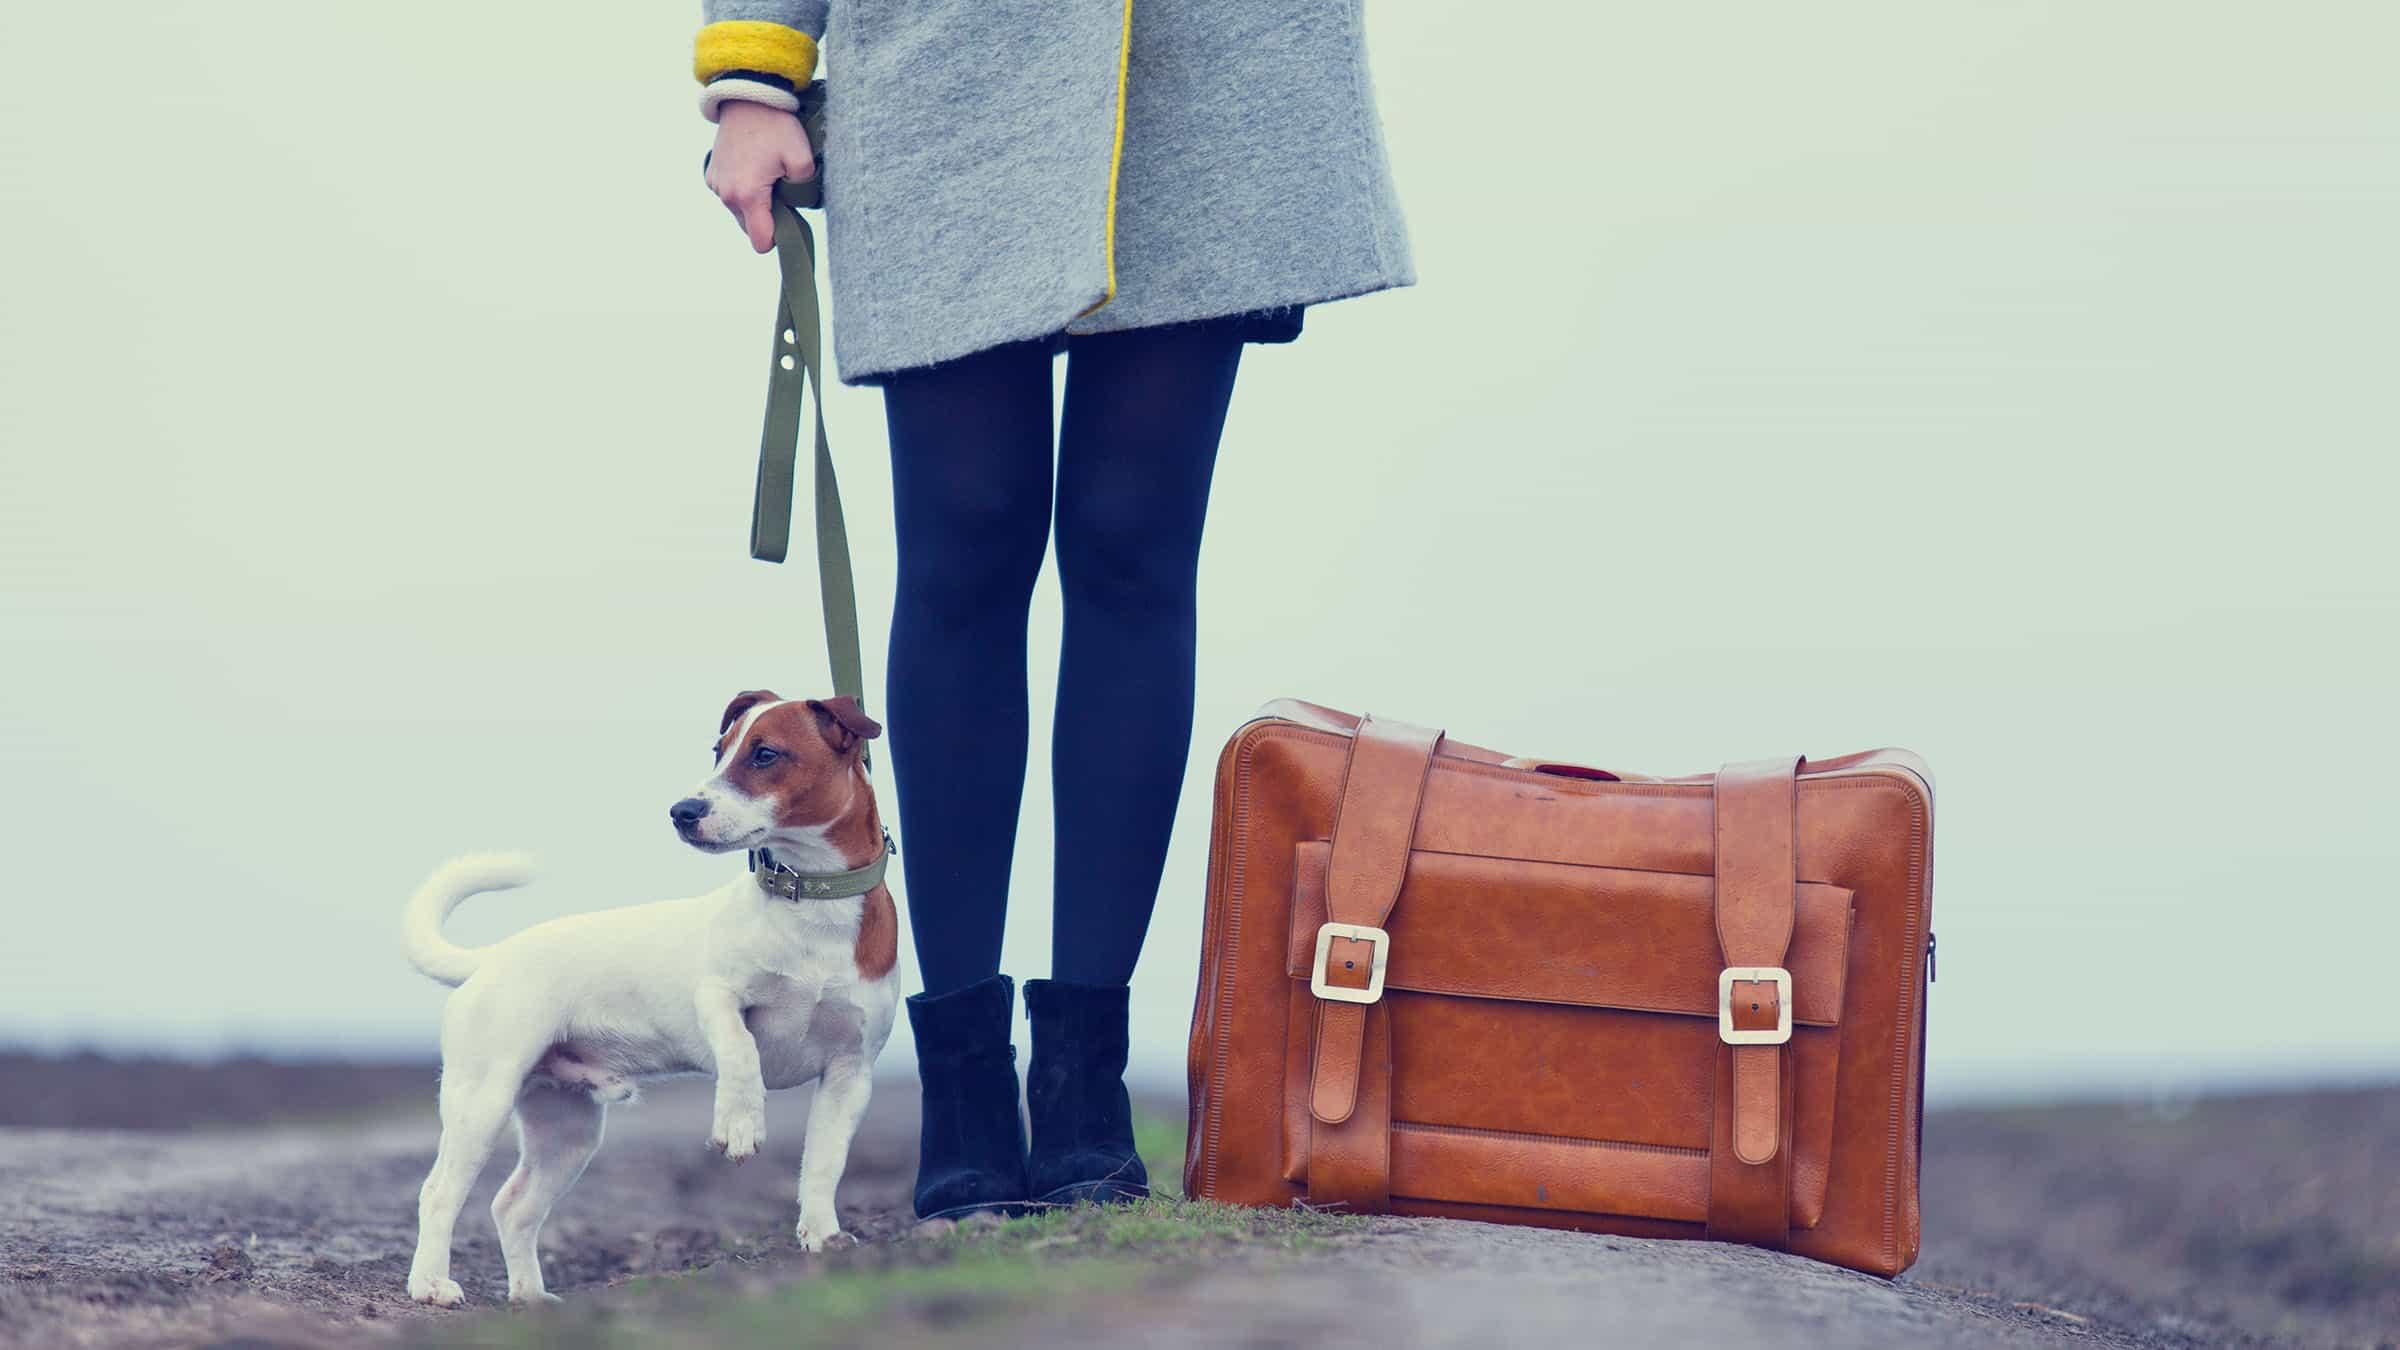 La mejor manera de Viajar con tu mascota